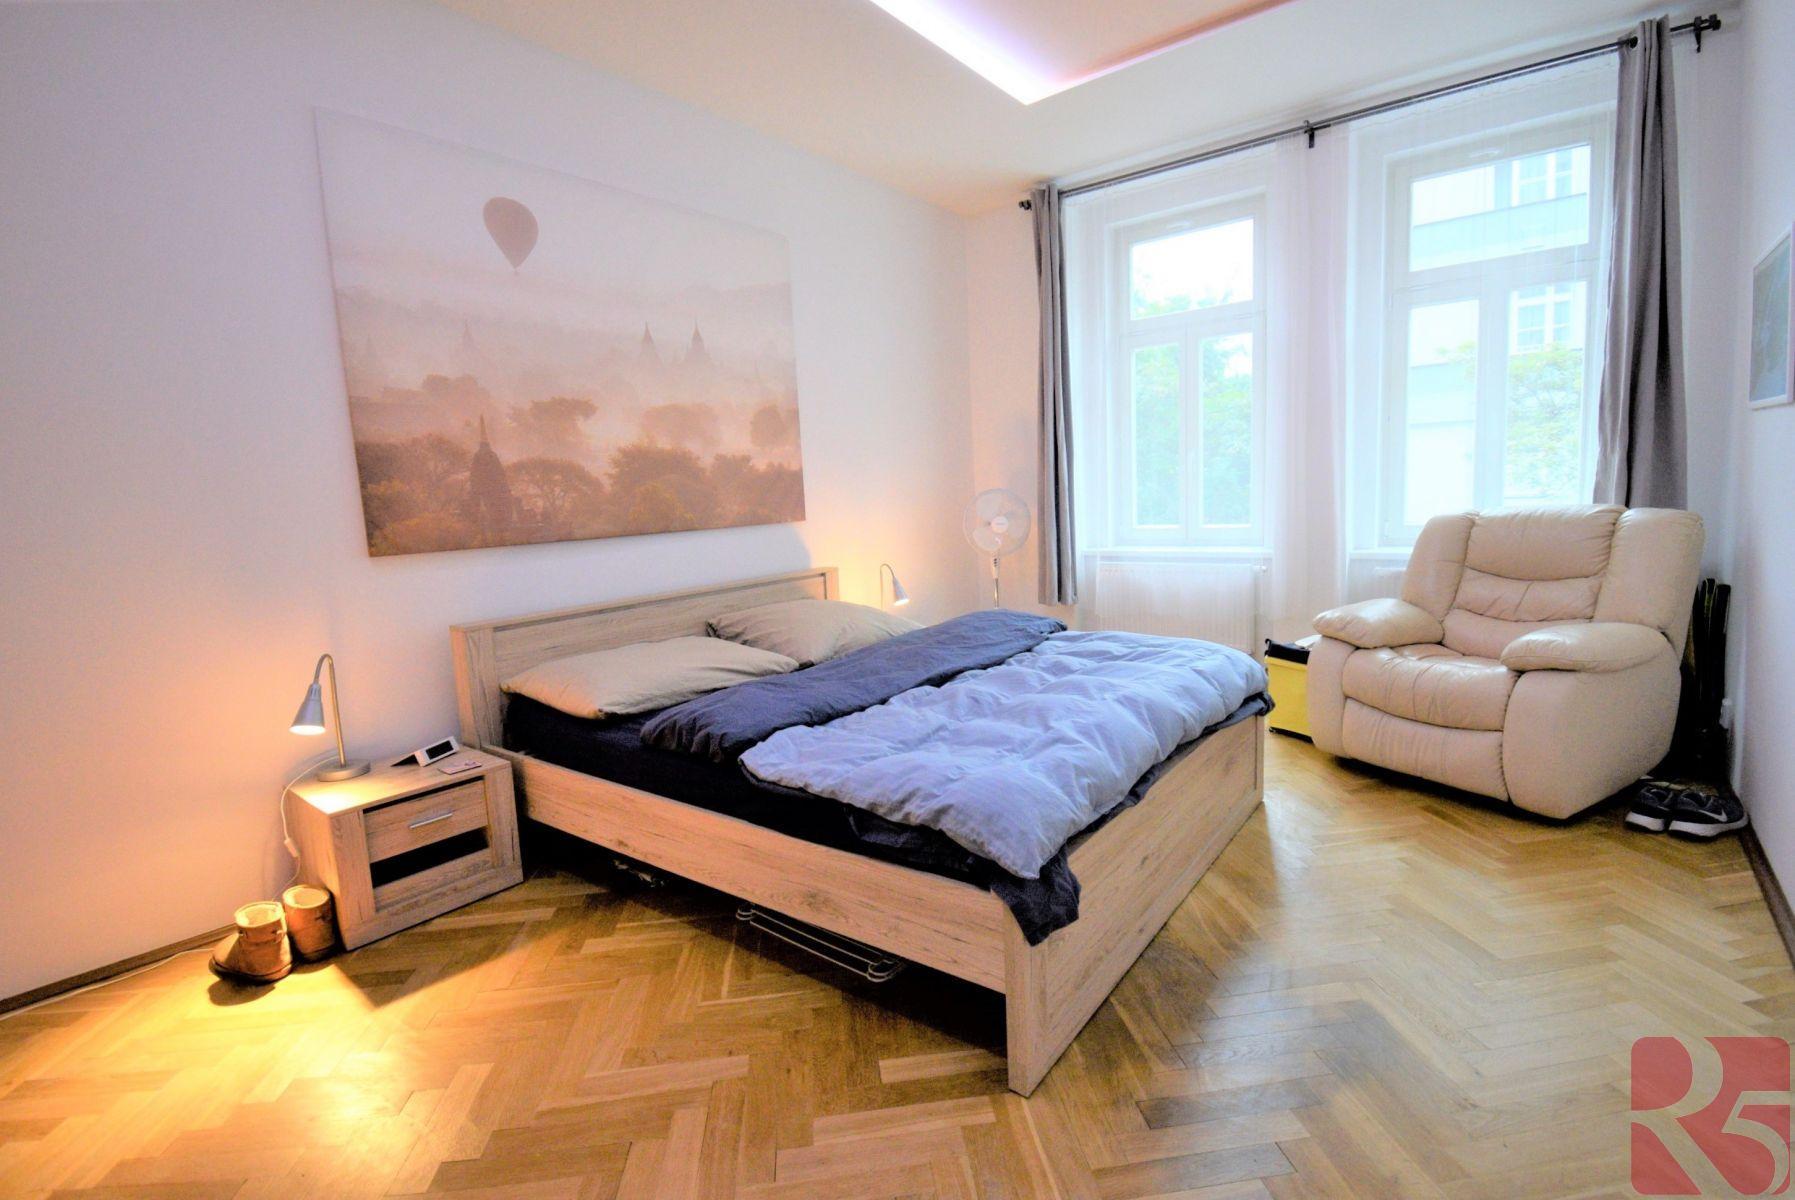 Pronájem zařízeného bytu 2+1 75m2 Praha 3, Žižkov, Kubelíkova